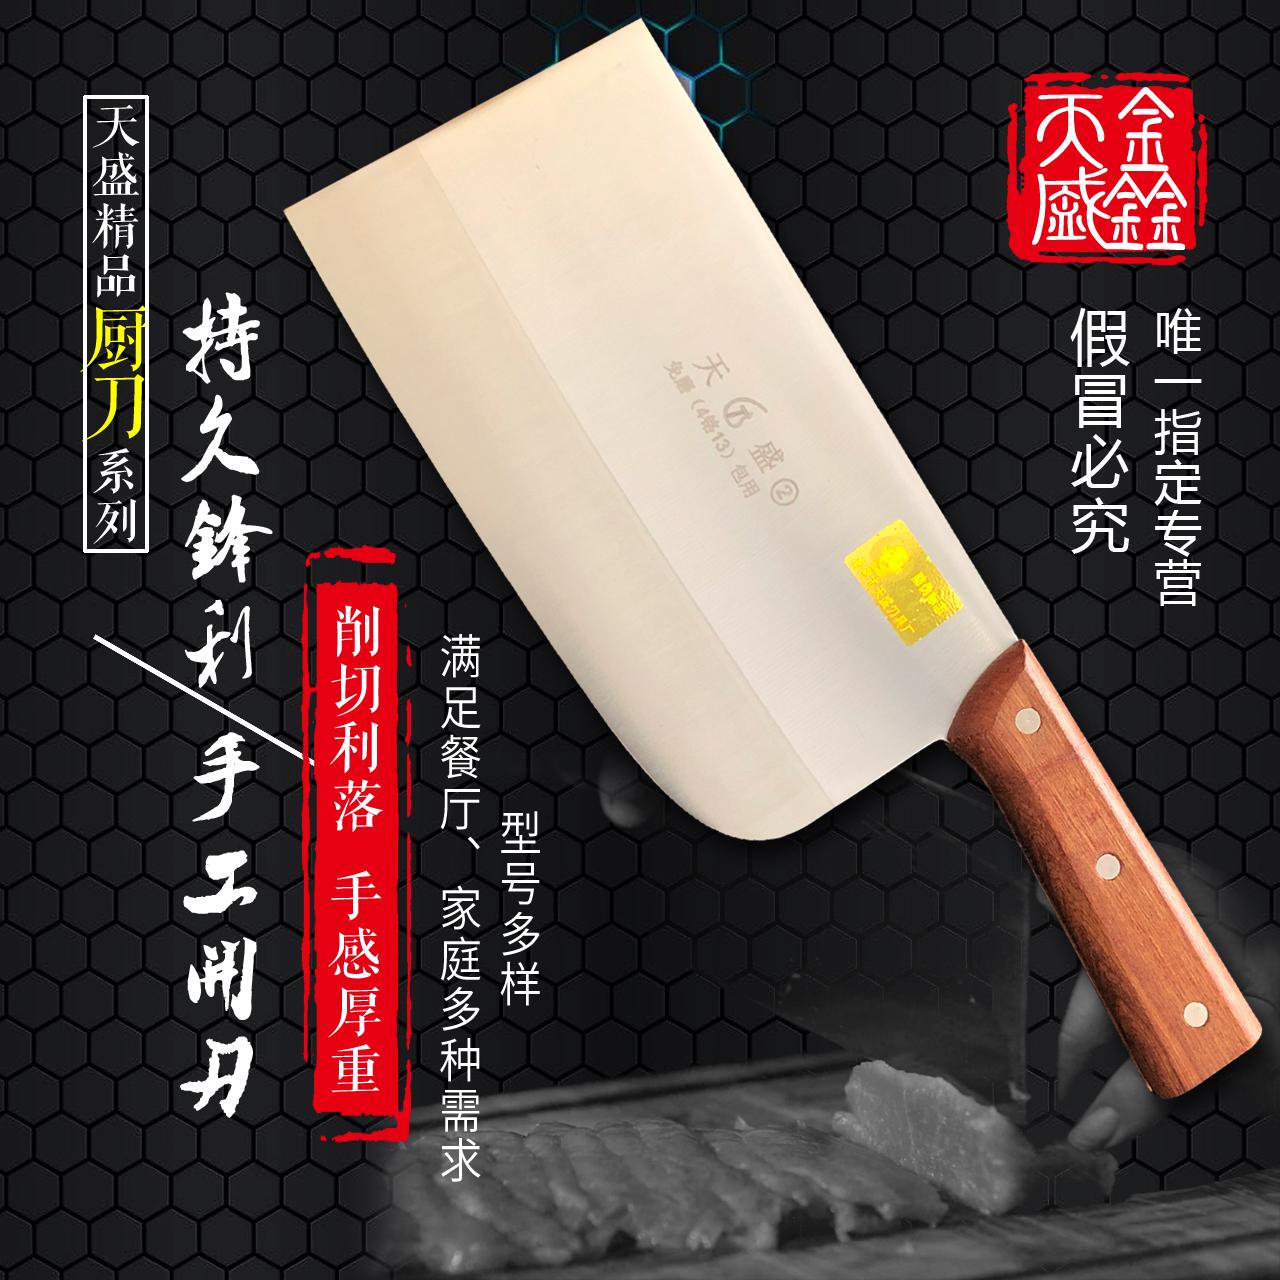 高密天盛菜刀厨房厨师家用德国进口不锈钢厨刀锋利免磨切肉切片刀